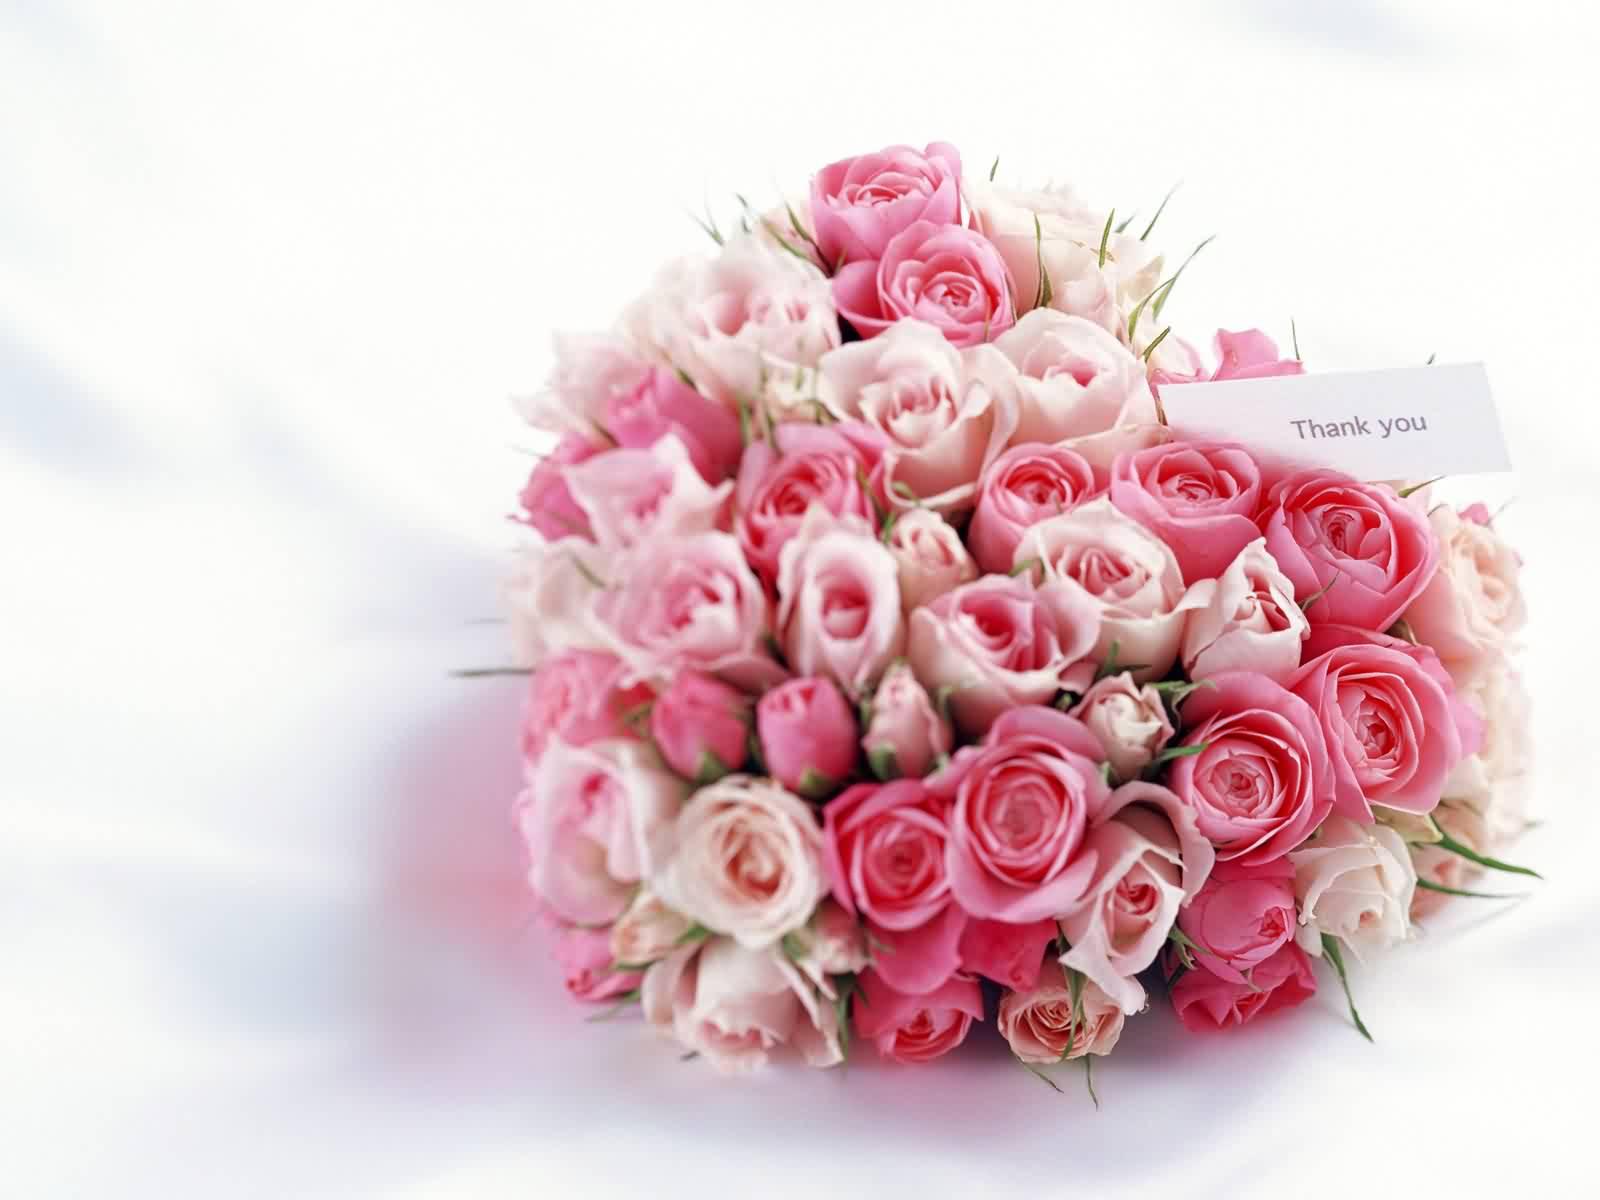 عکس گل رز قرمز با کیفیت بالا